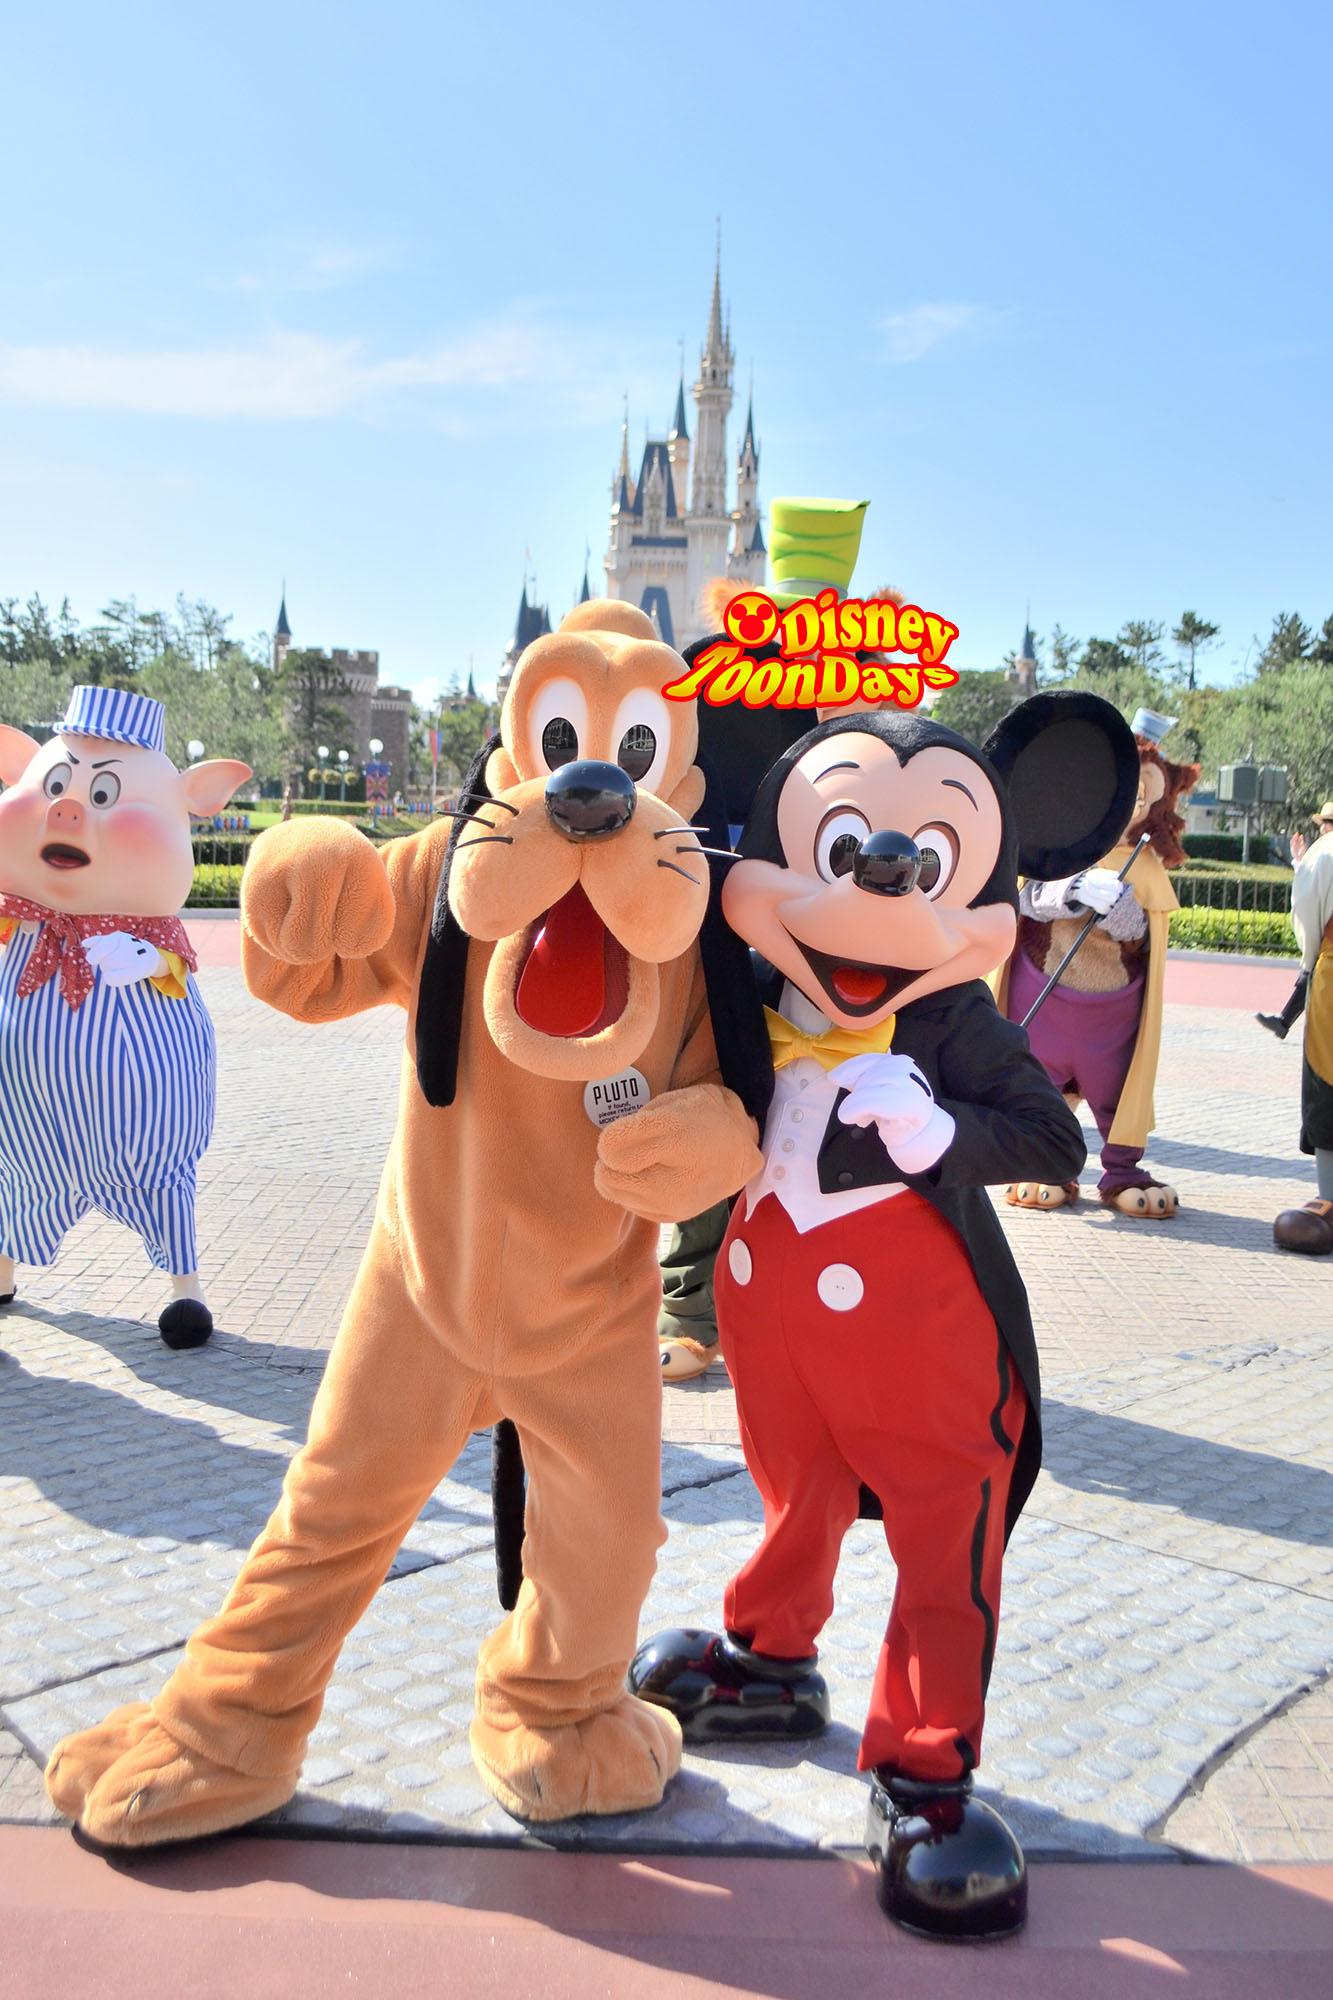 TDL 東京ディズニーランドハッピー15エントリー ミッキーマウス プルート